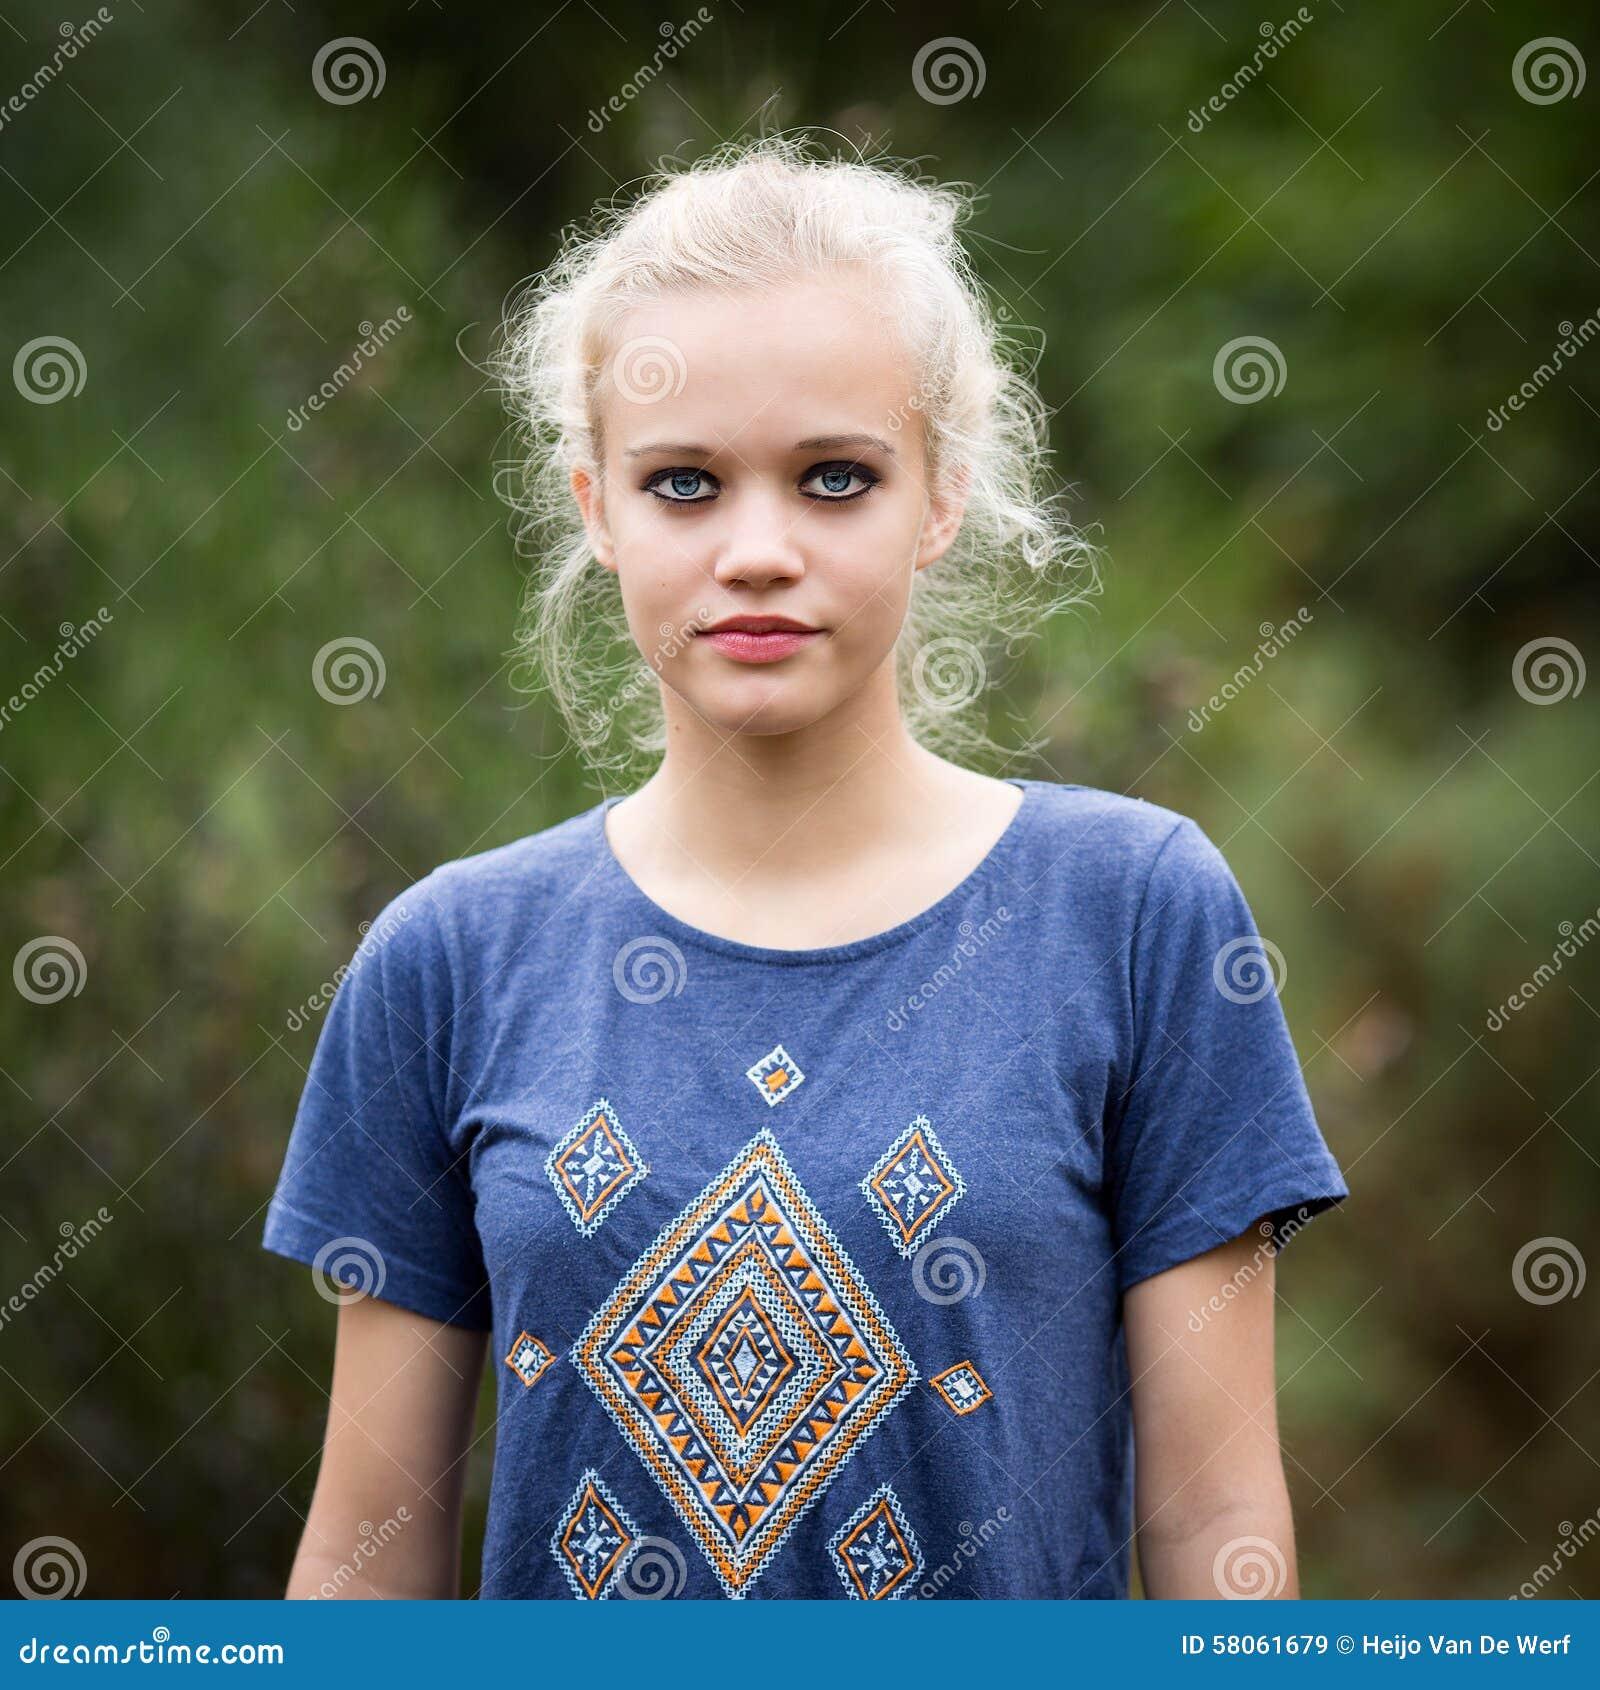 naked skinny white teen girl